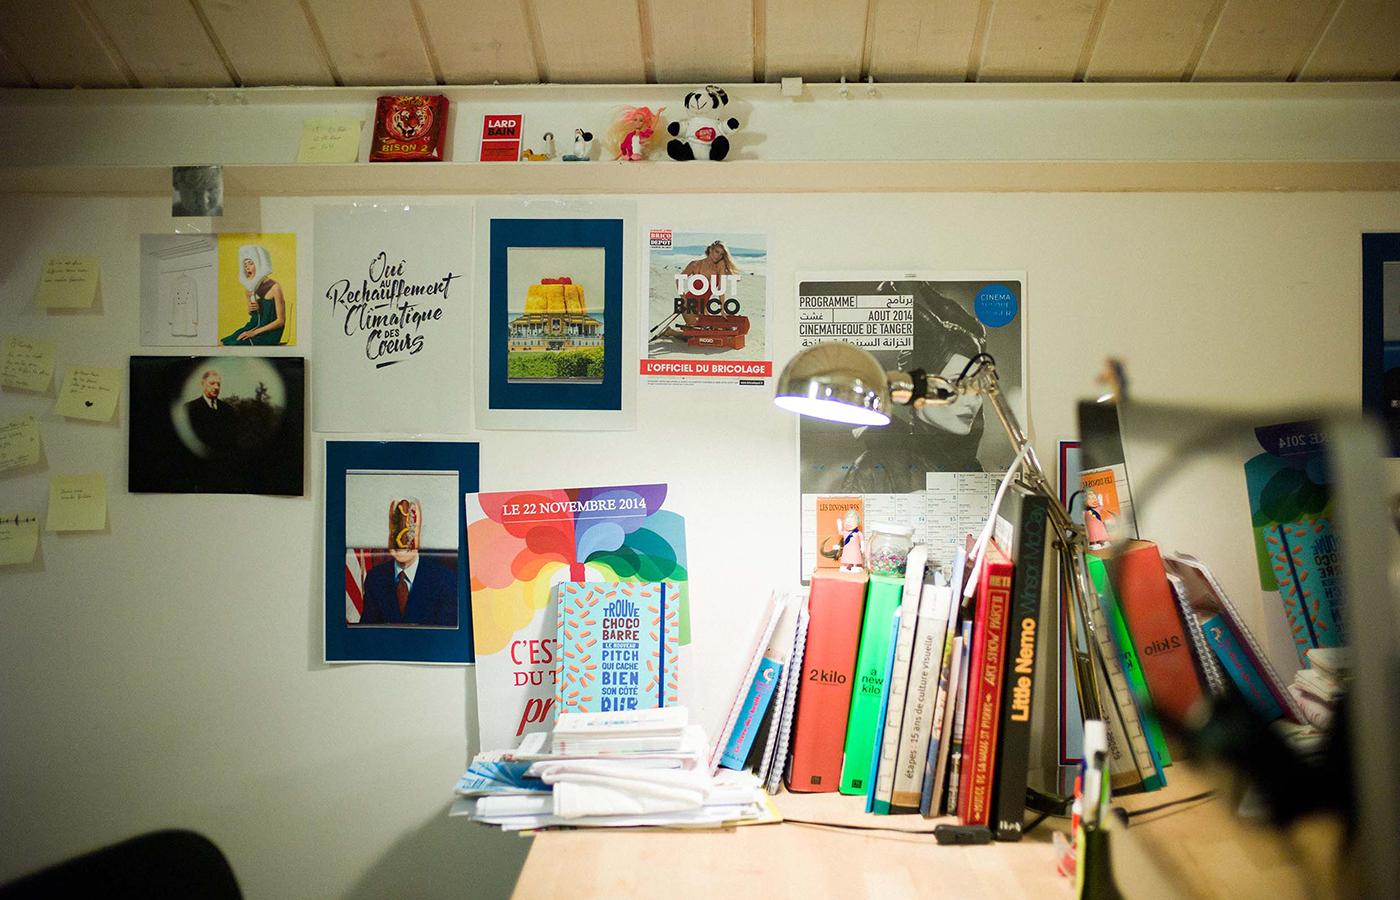 les-grots-mots-bureaux-agence-publicite-paris-19